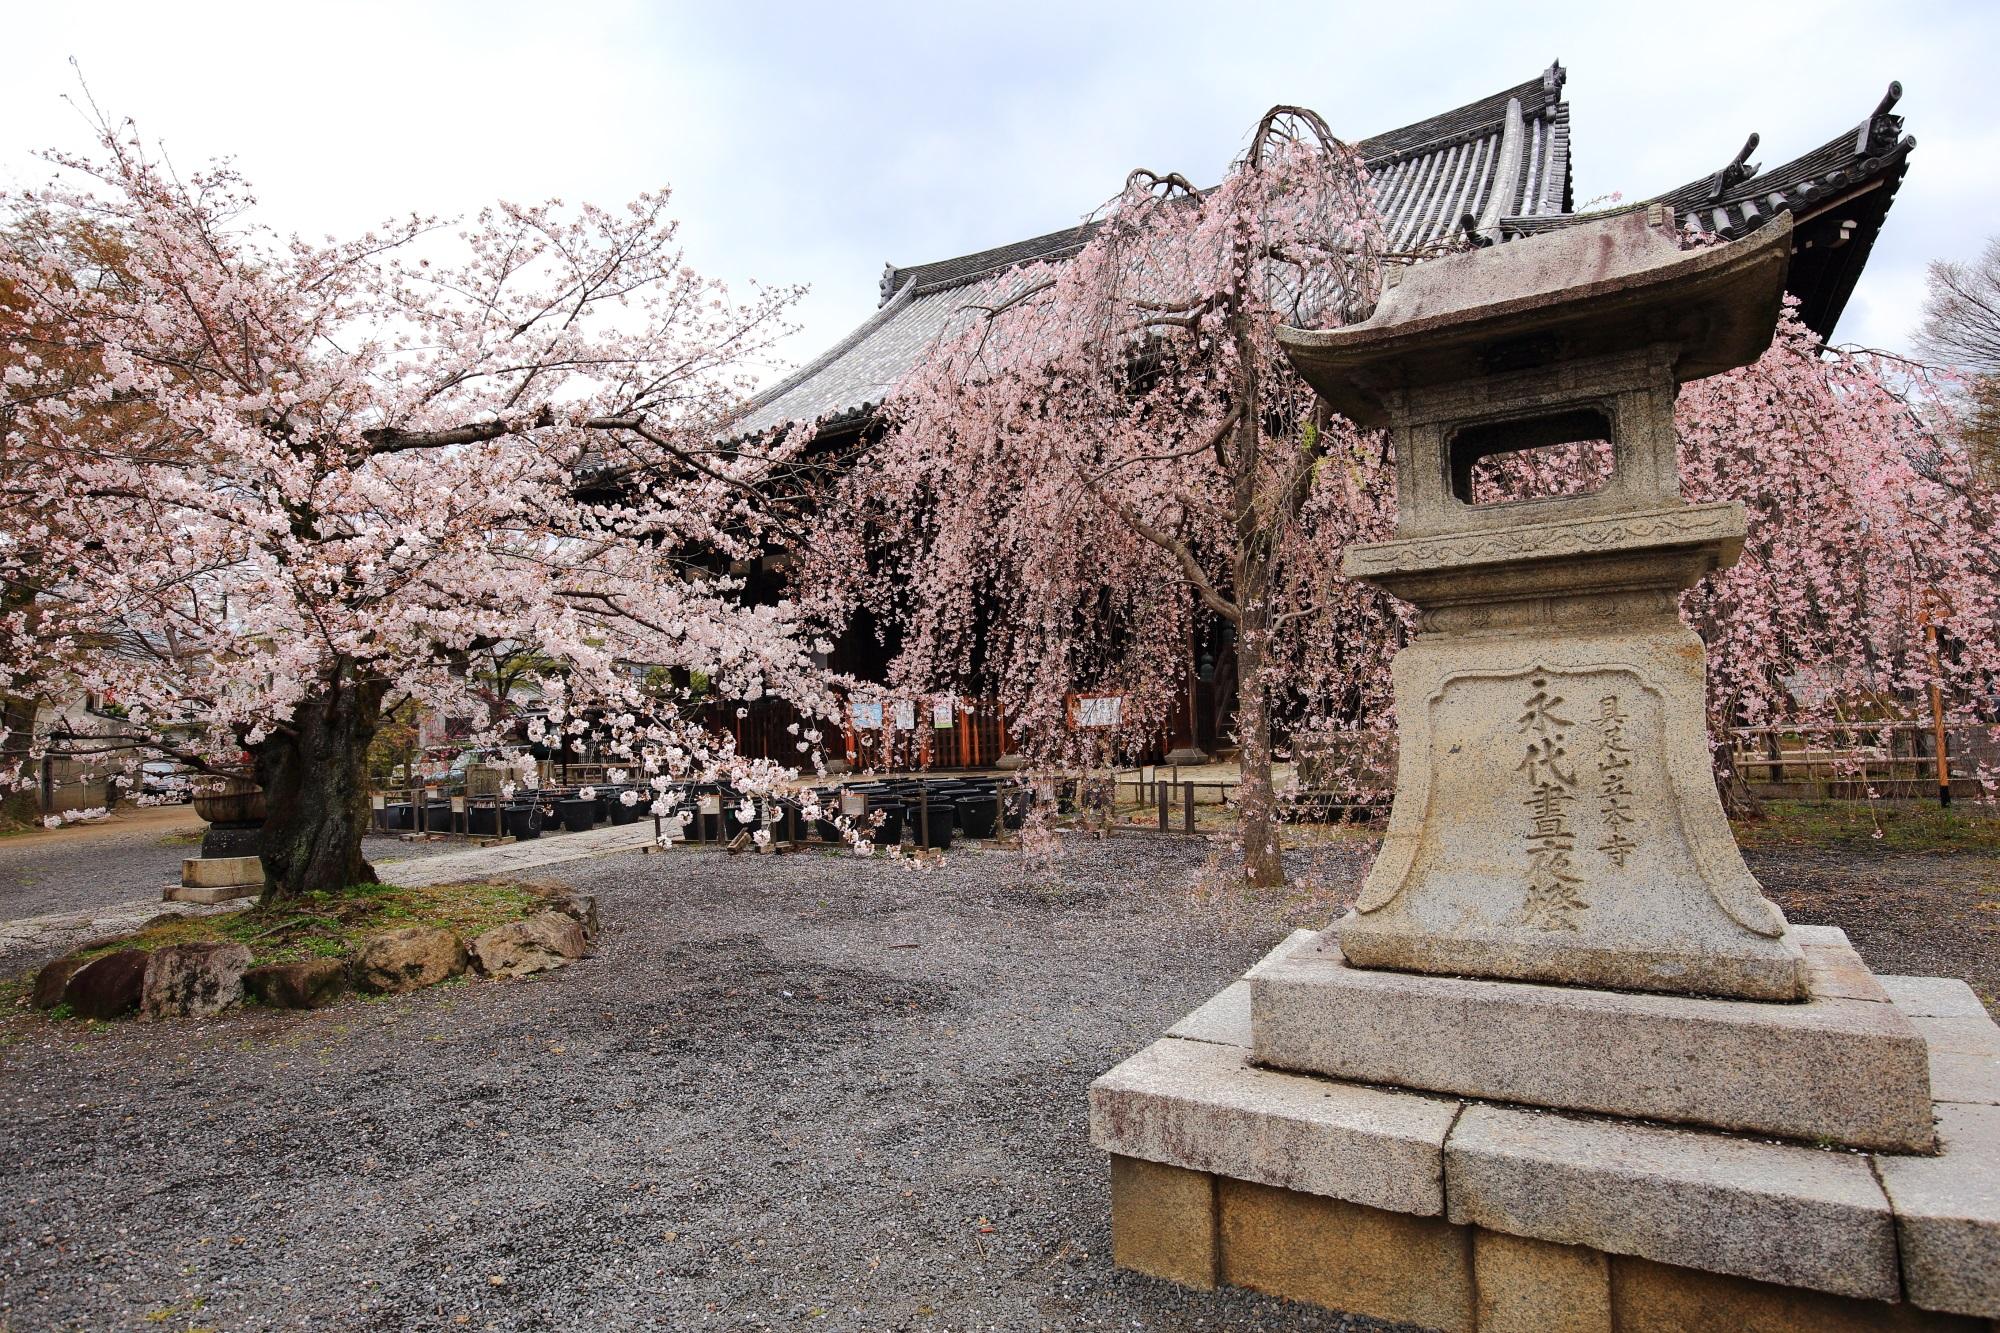 四角くて少し変わった燈籠と絵になる桜